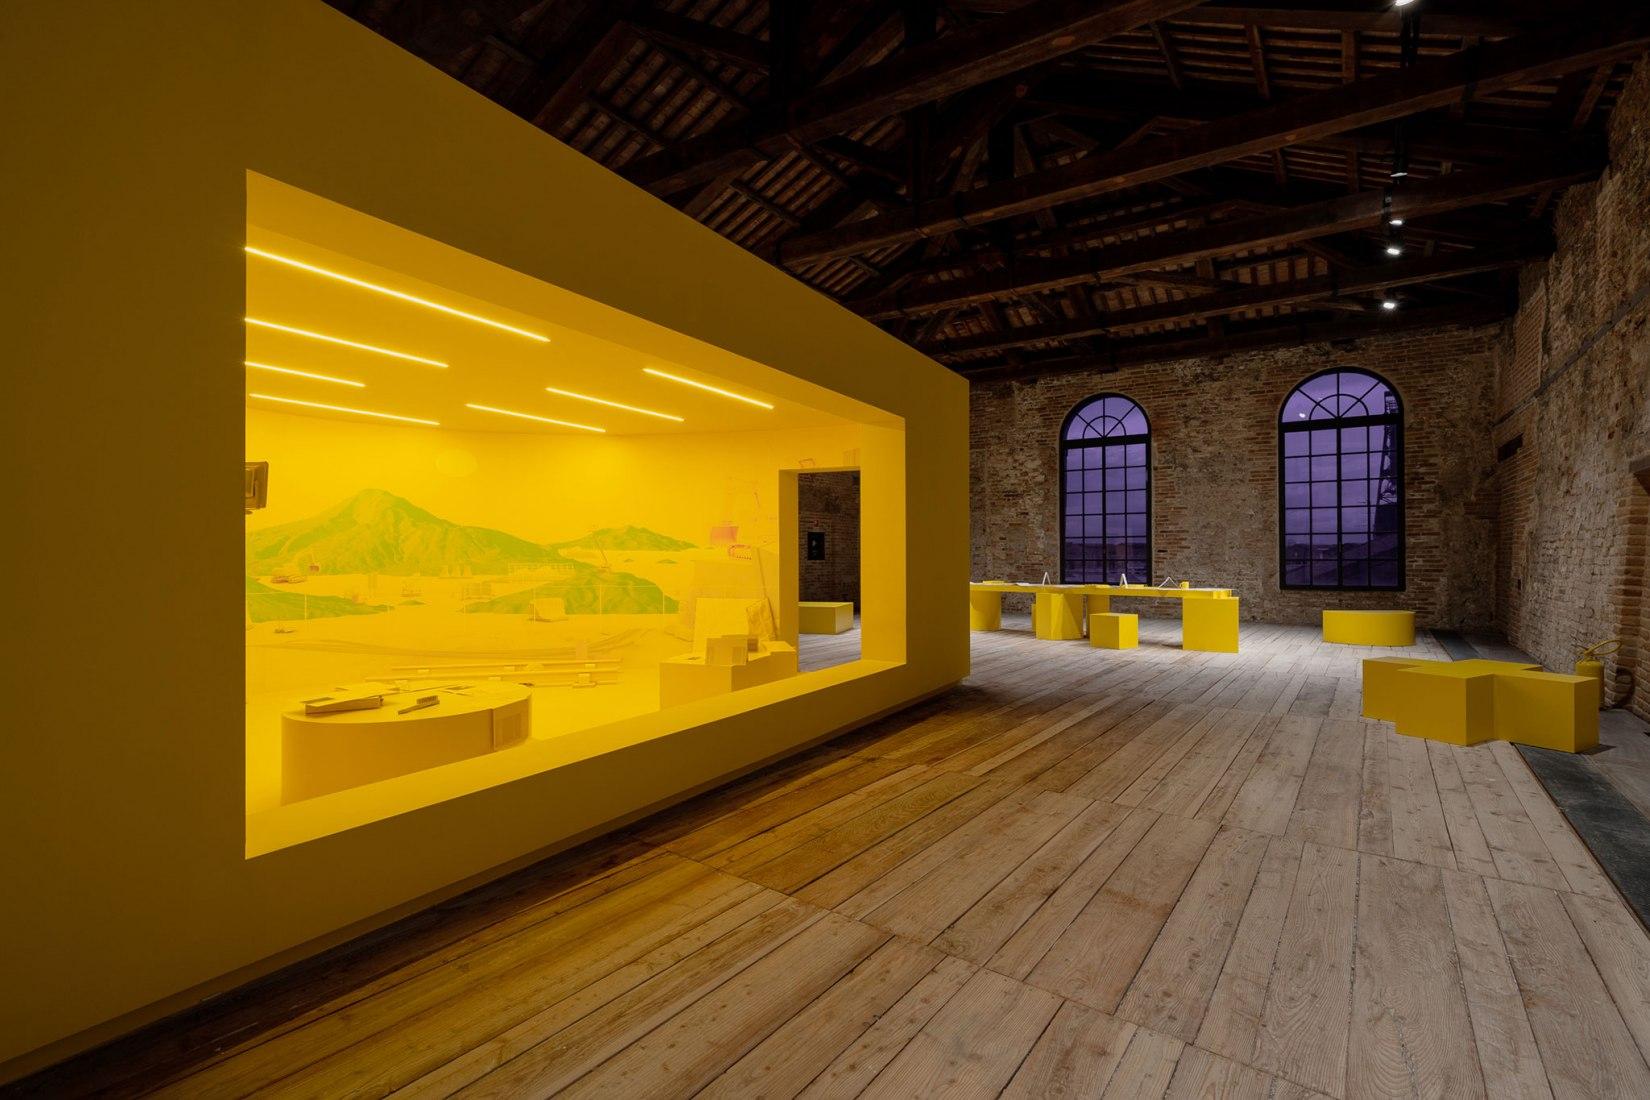 Pabellón de Turquía de la Biennale di Venezia por Neyran Turan. Fotografía por Andrea Avezzù.